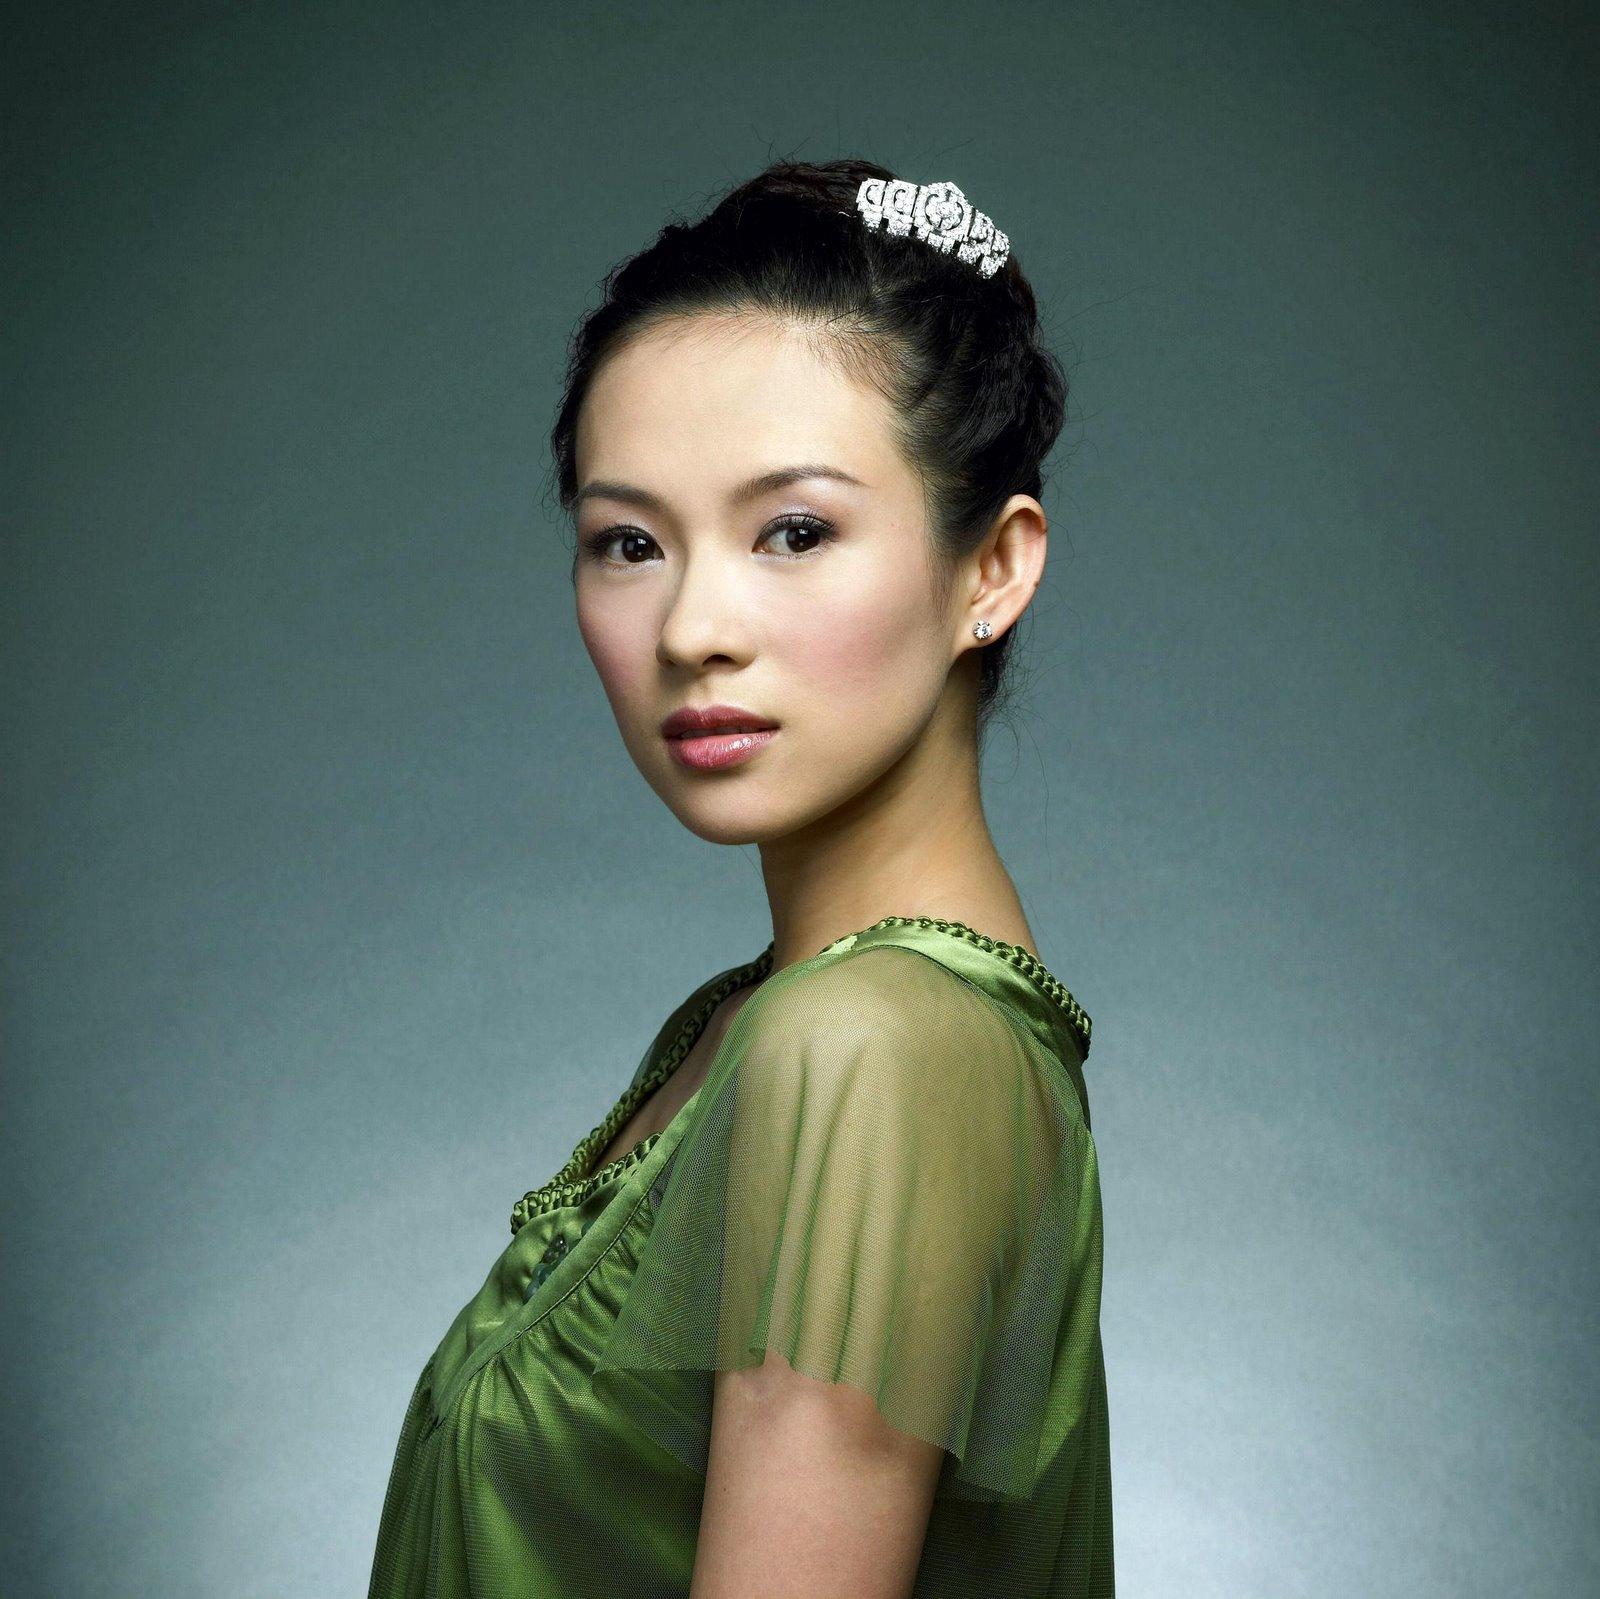 http://4.bp.blogspot.com/-qr8t127kJx0/TjpVQV1-NPI/AAAAAAAAFJ8/1uIpaViTSS0/s1600/Zhang-Ziyi-wallpapers-hd.jpg